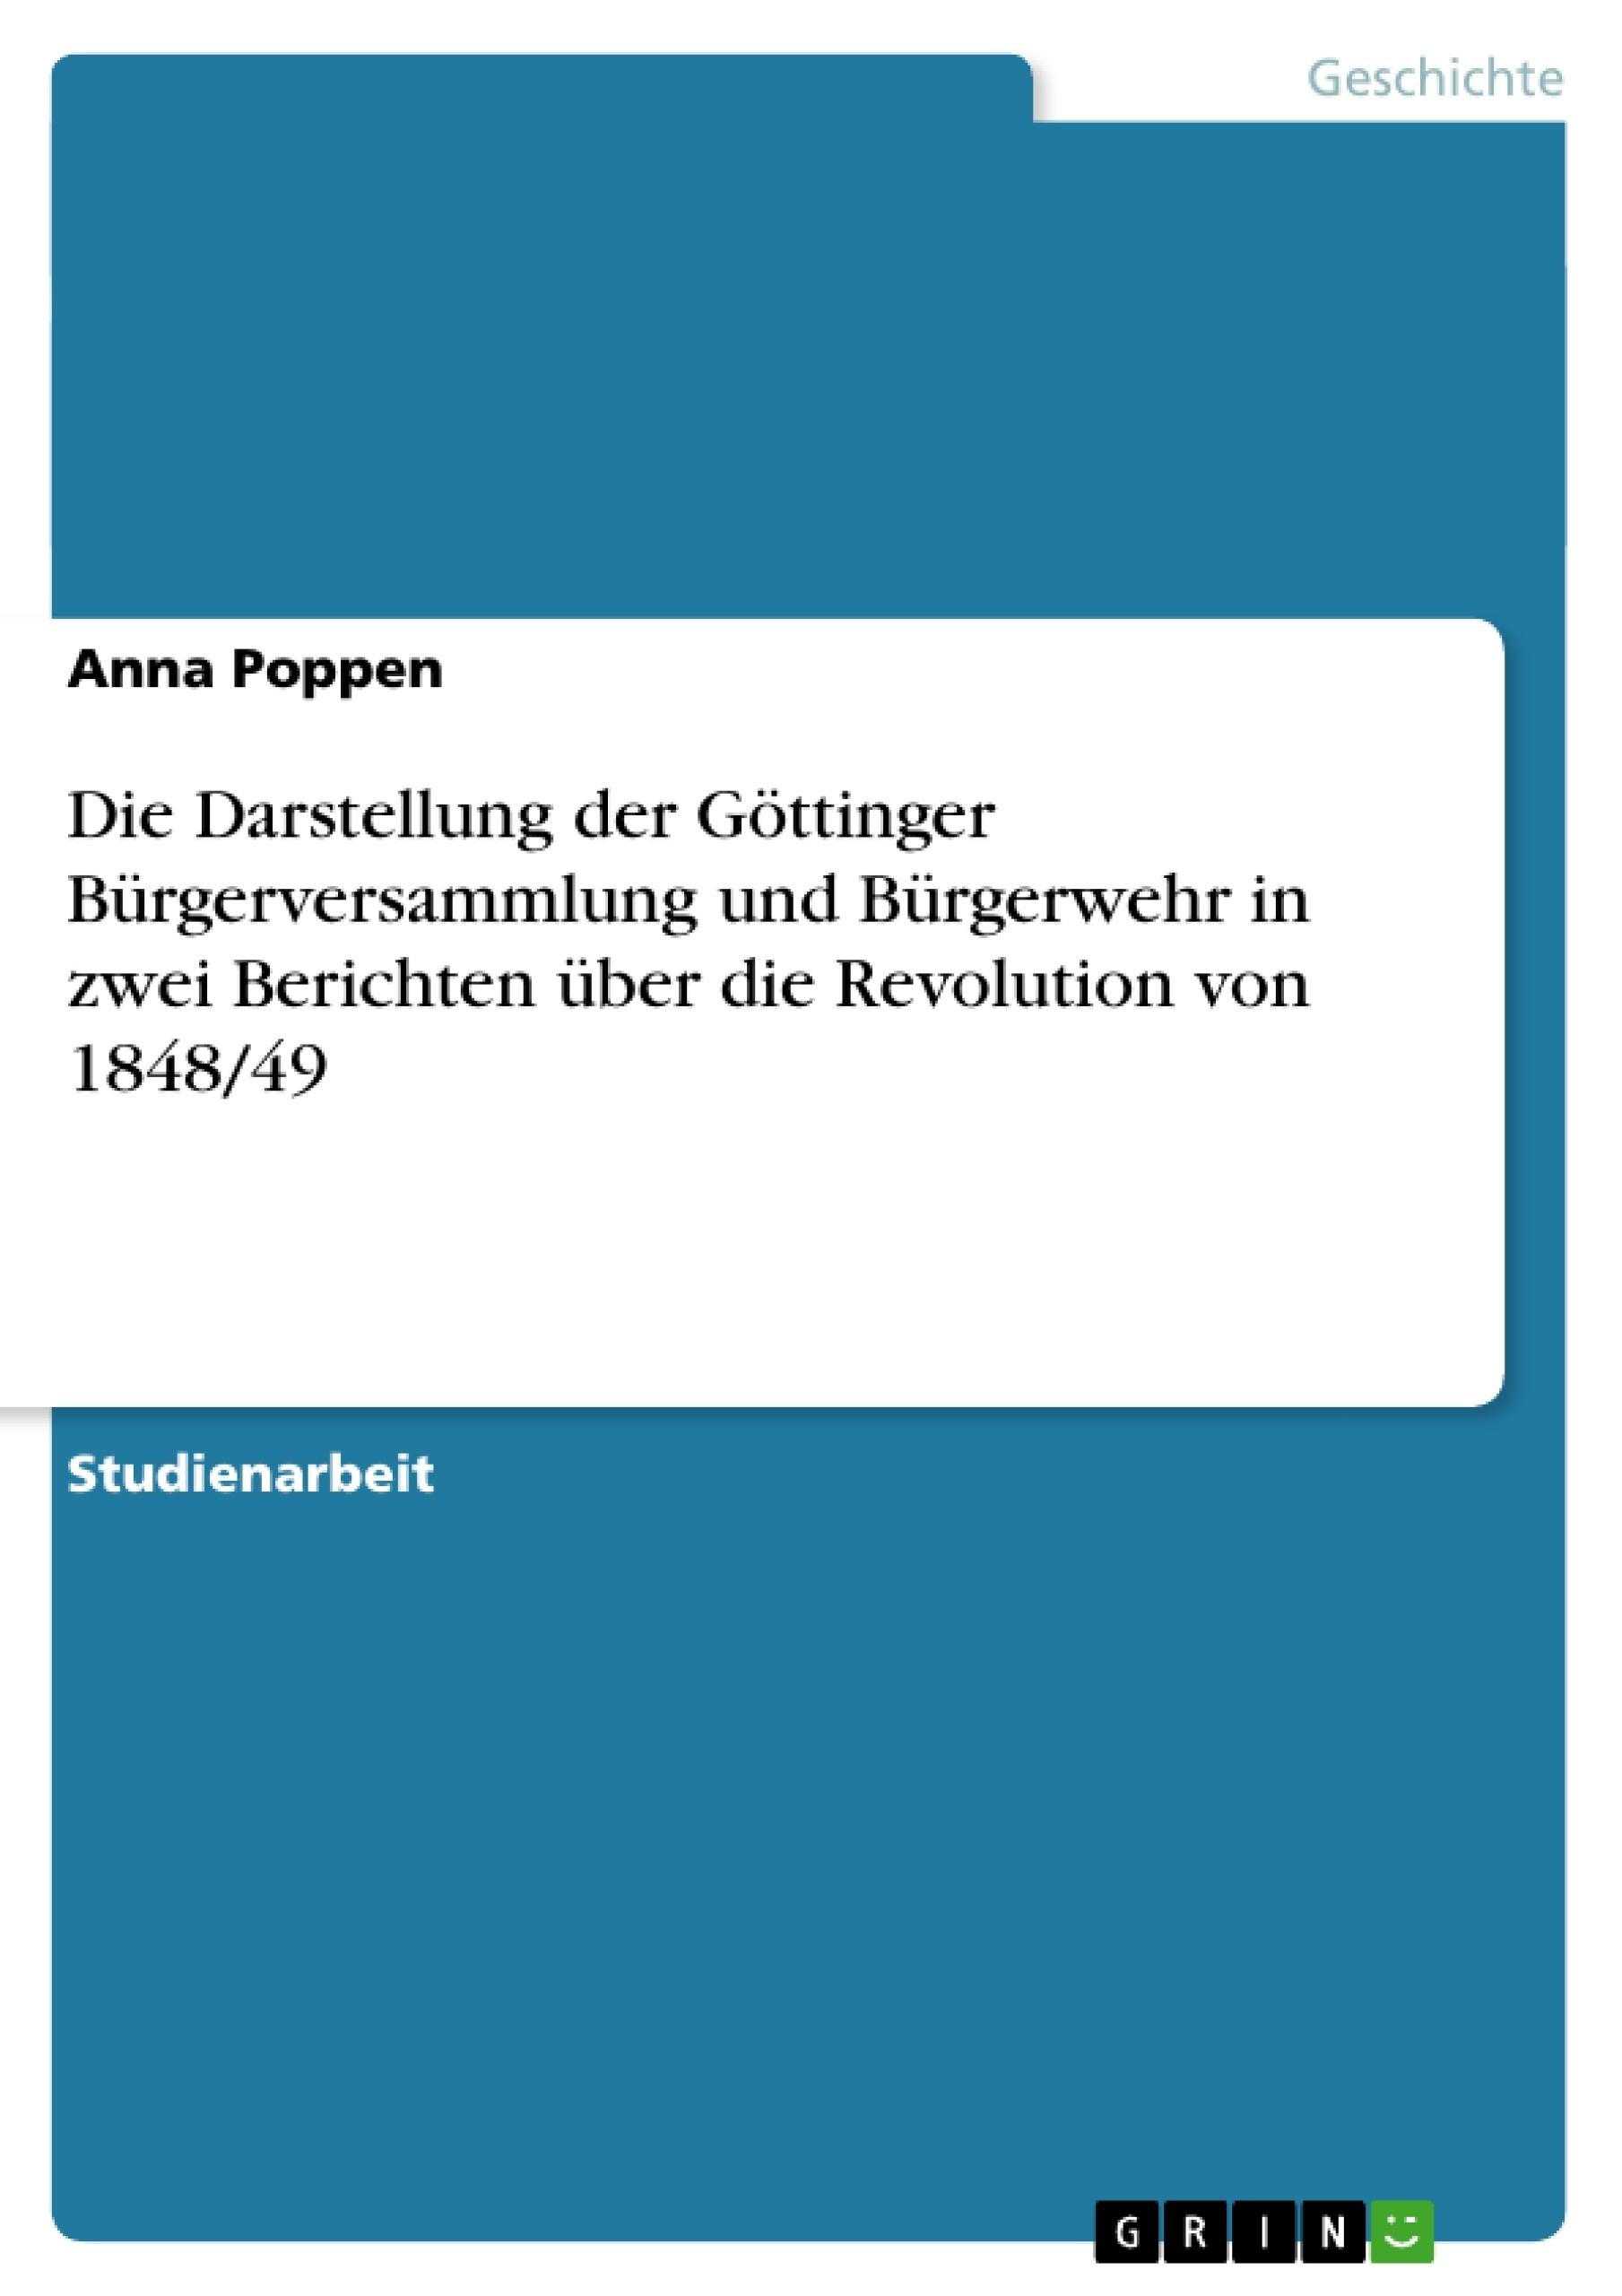 Titel: Die Darstellung der Göttinger Bürgerversammlung und Bürgerwehr in zwei Berichten über die Revolution von 1848/49